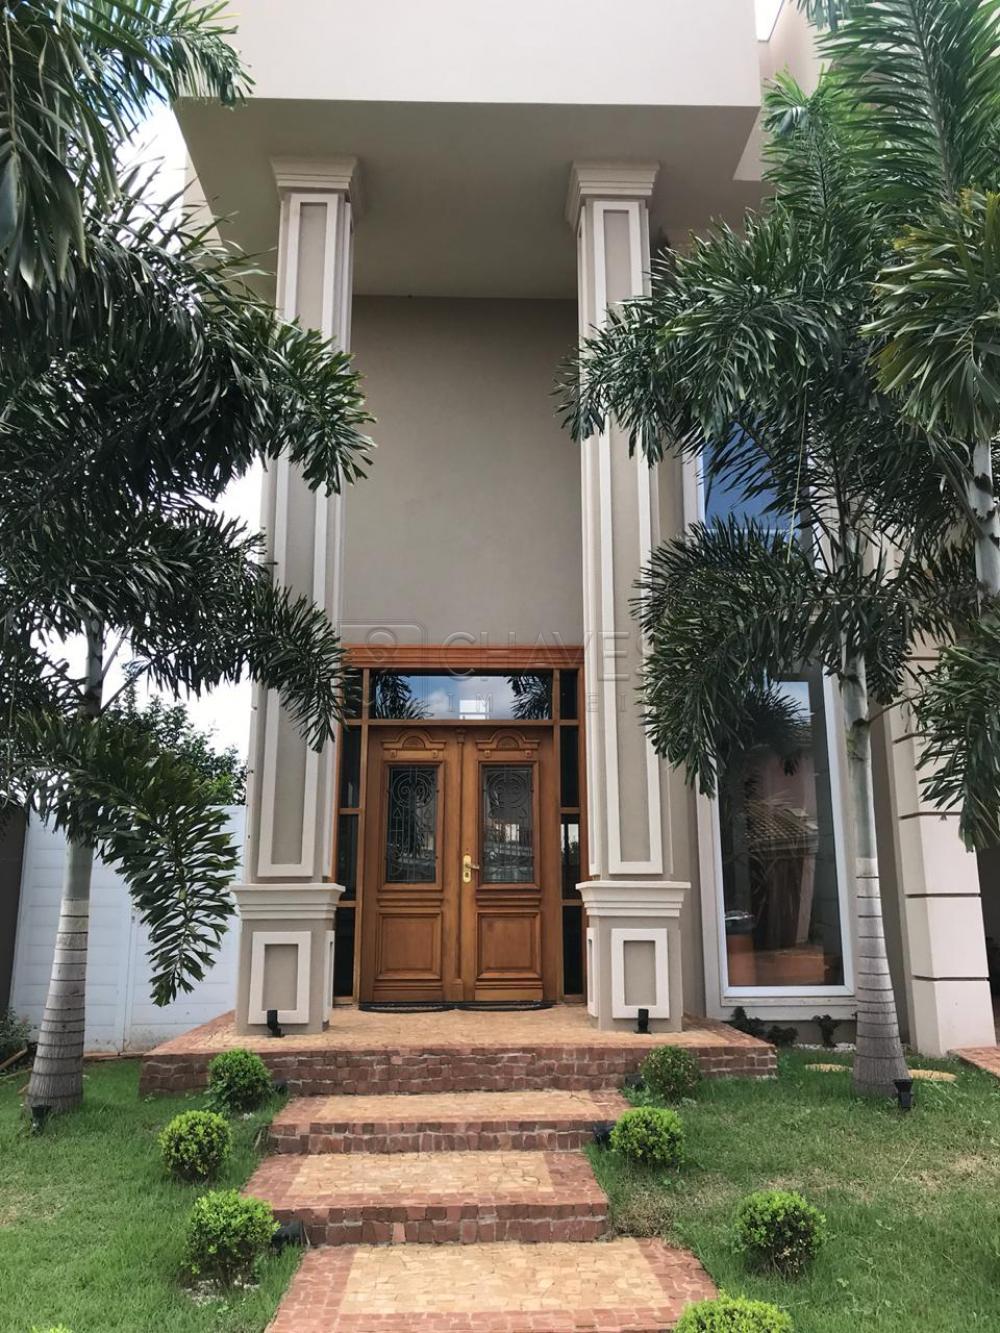 Comprar Casa / Condomínio em Ribeirao Preto apenas R$ 1.750.000,00 - Foto 21